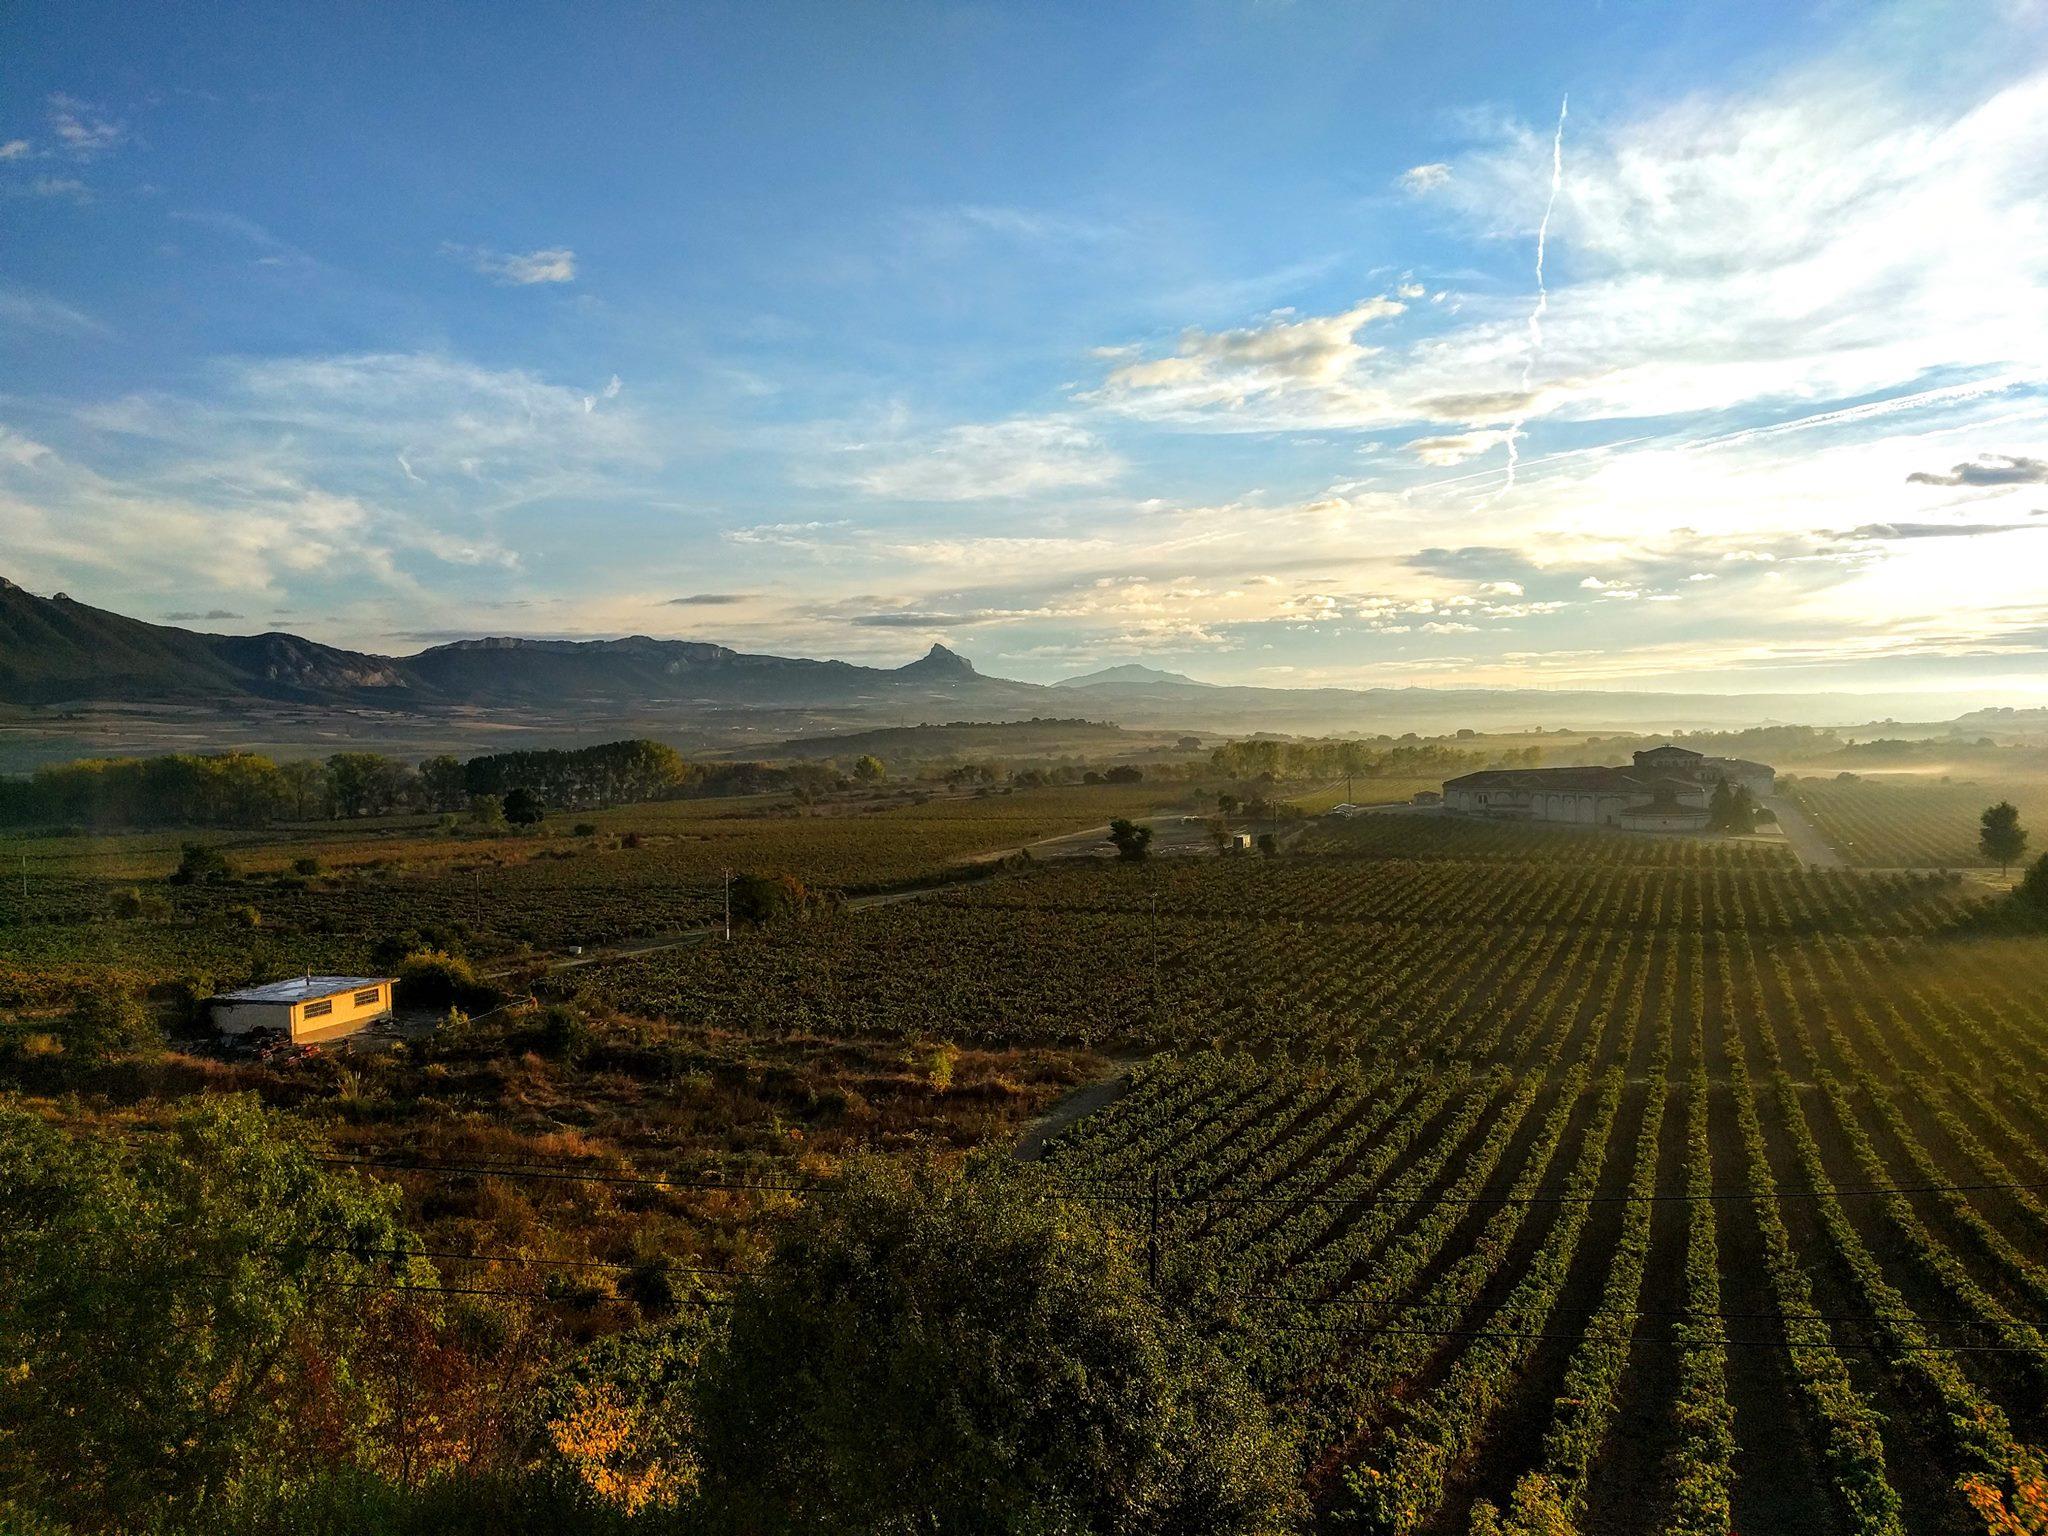 Otoño en Rioja Alavesa (Del 4 al 6 octubre)